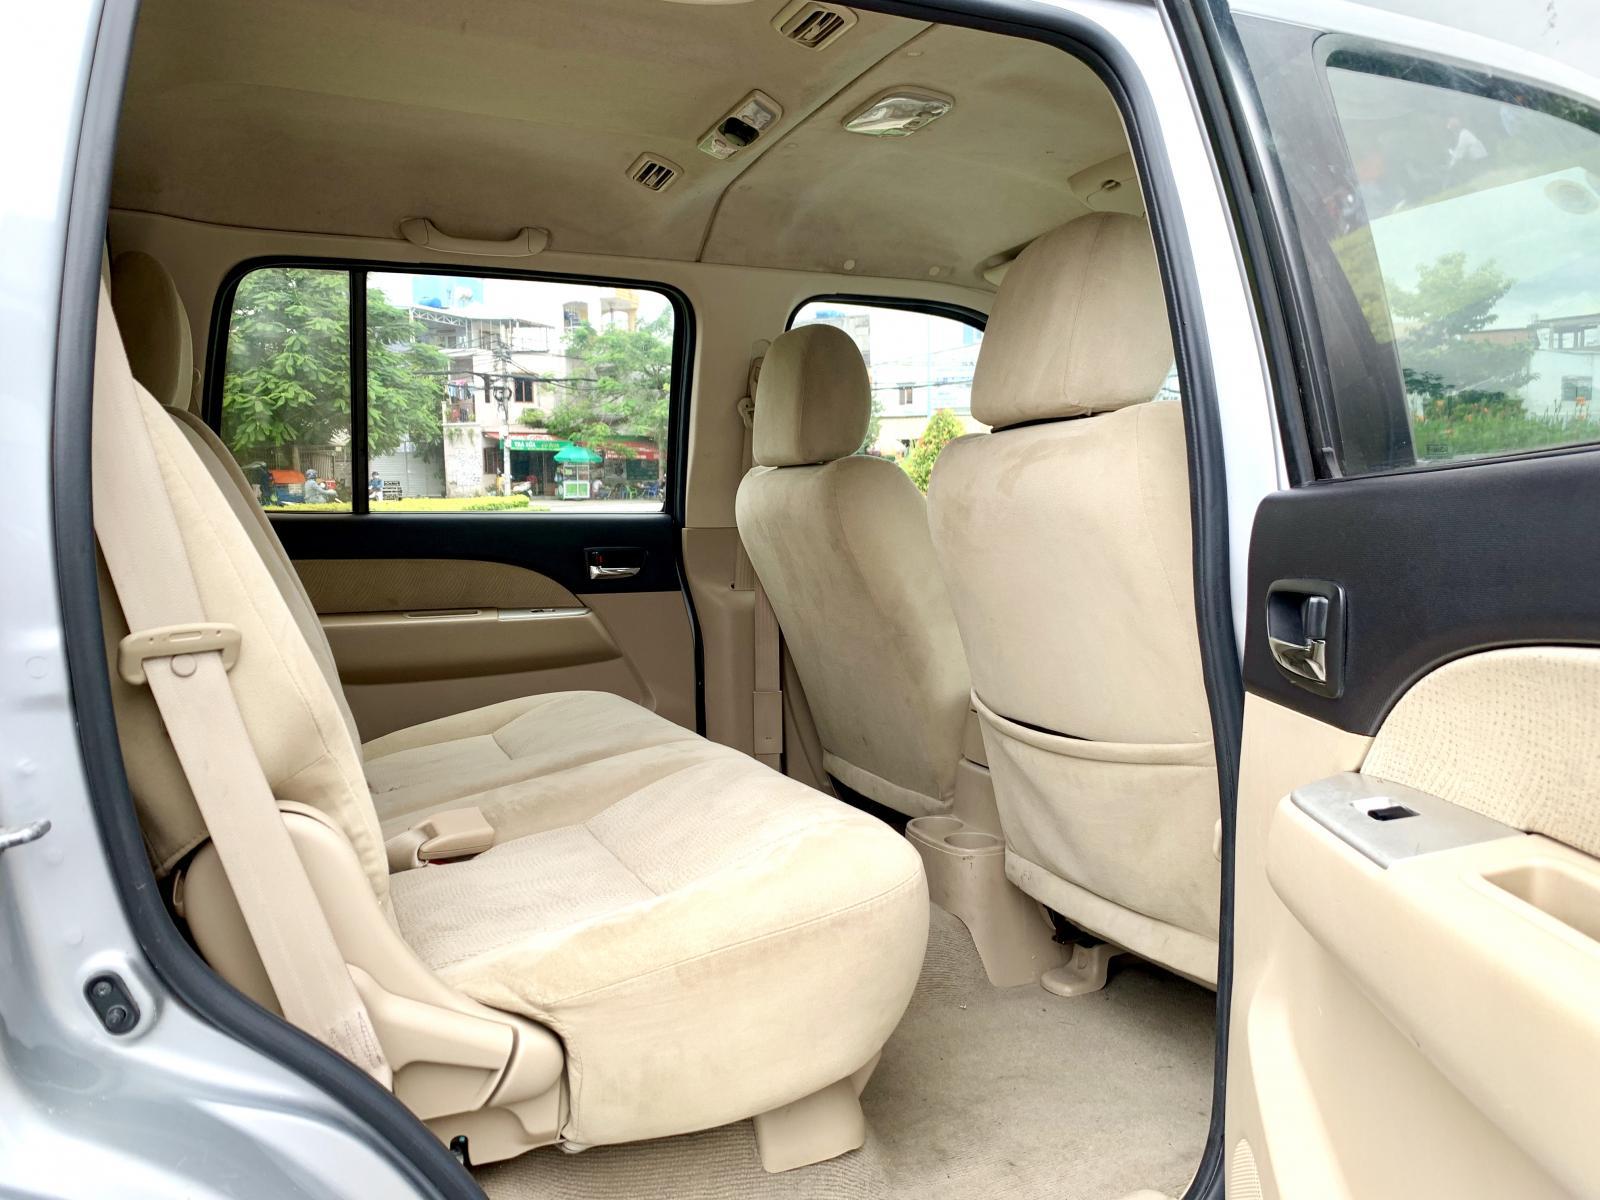 Everest Limited nhập Thái 2012 loại máy xăng, 5 chỗ hàng hiếm hai cầu số sàn 5